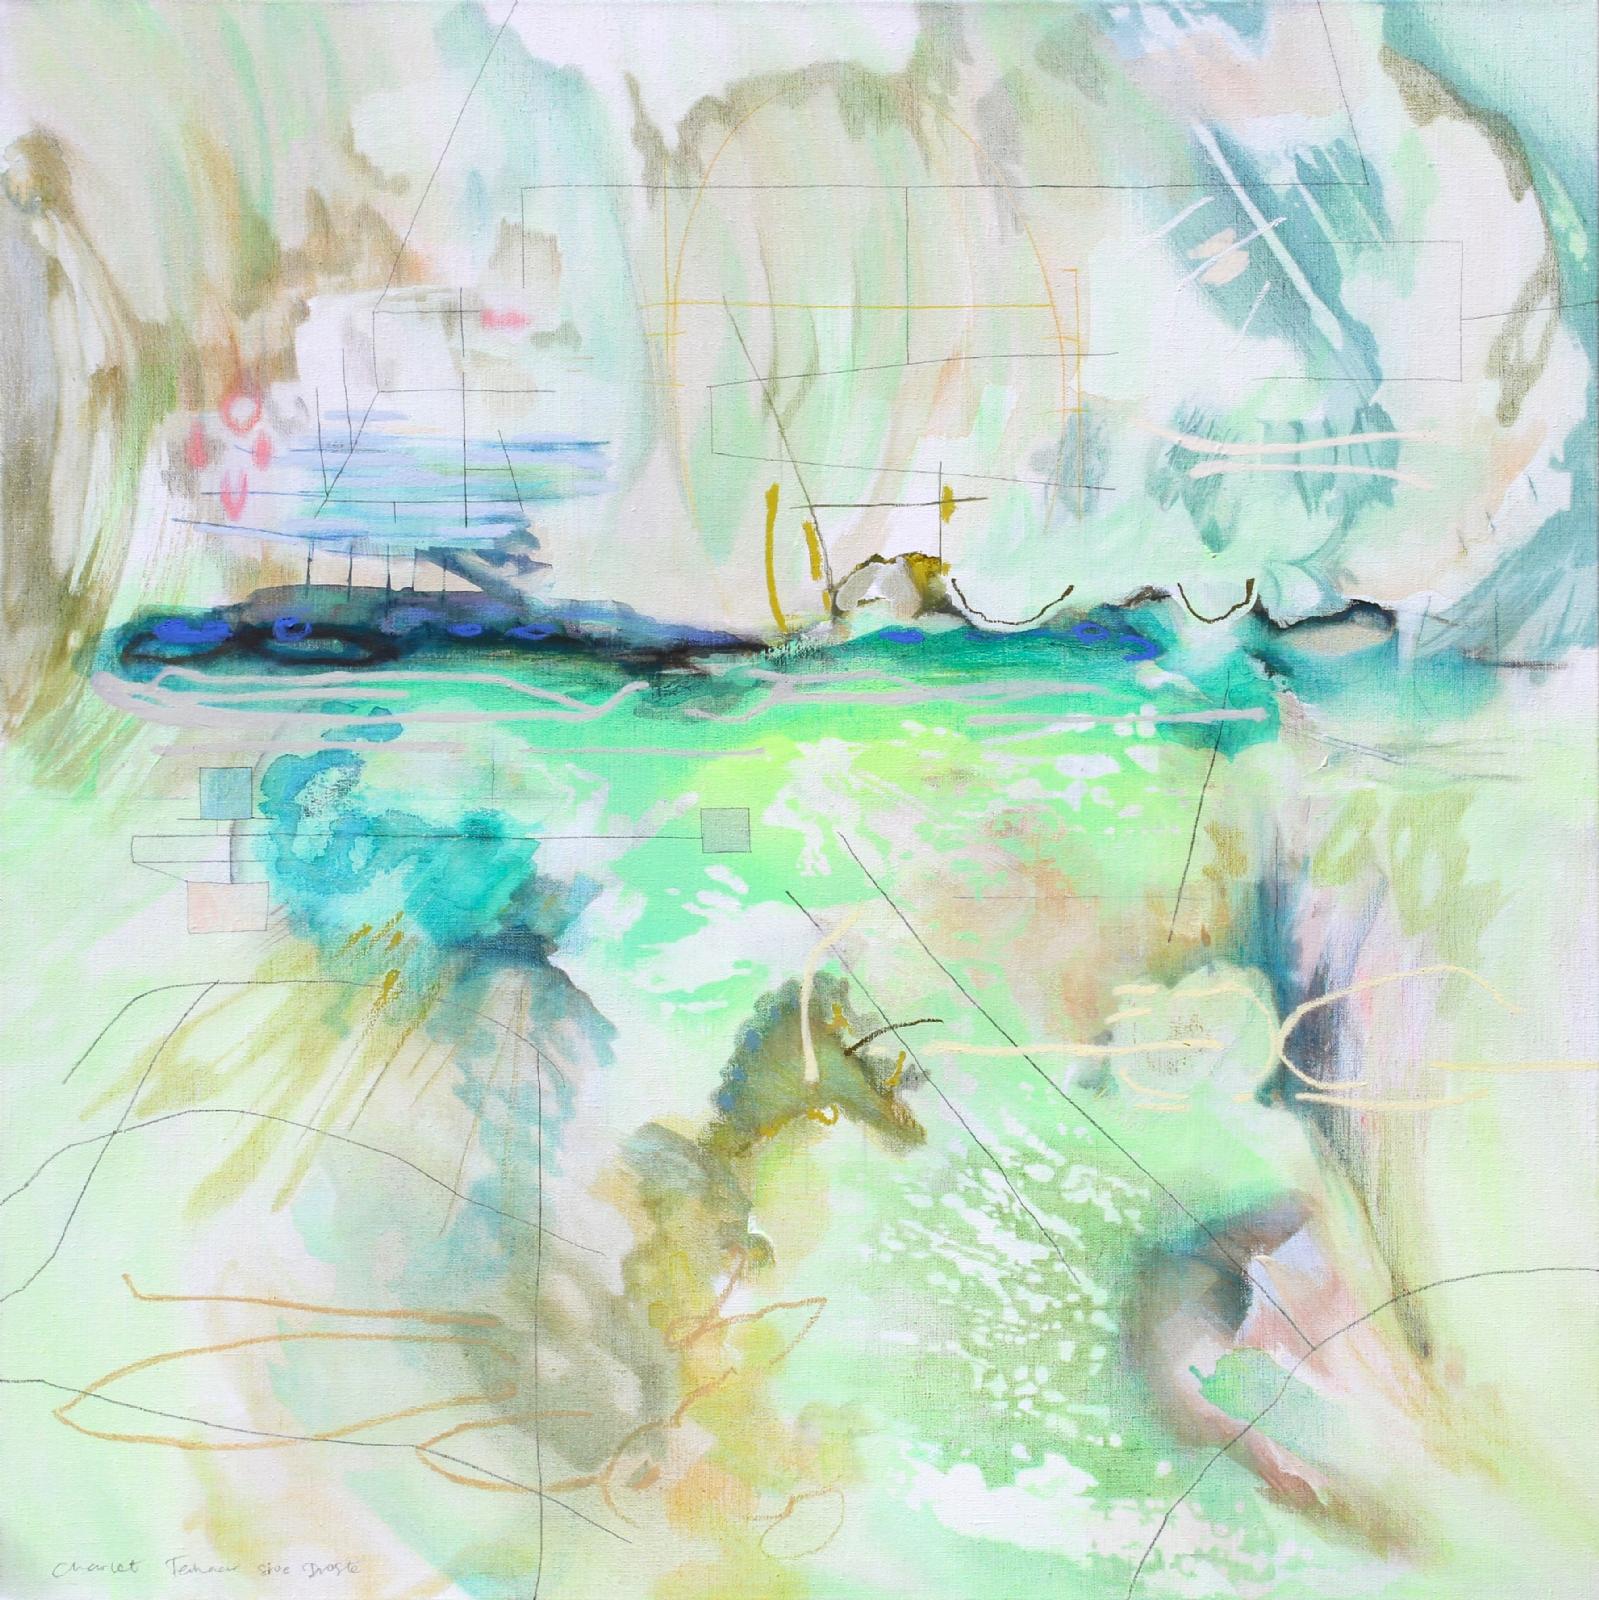 Schilderij #424